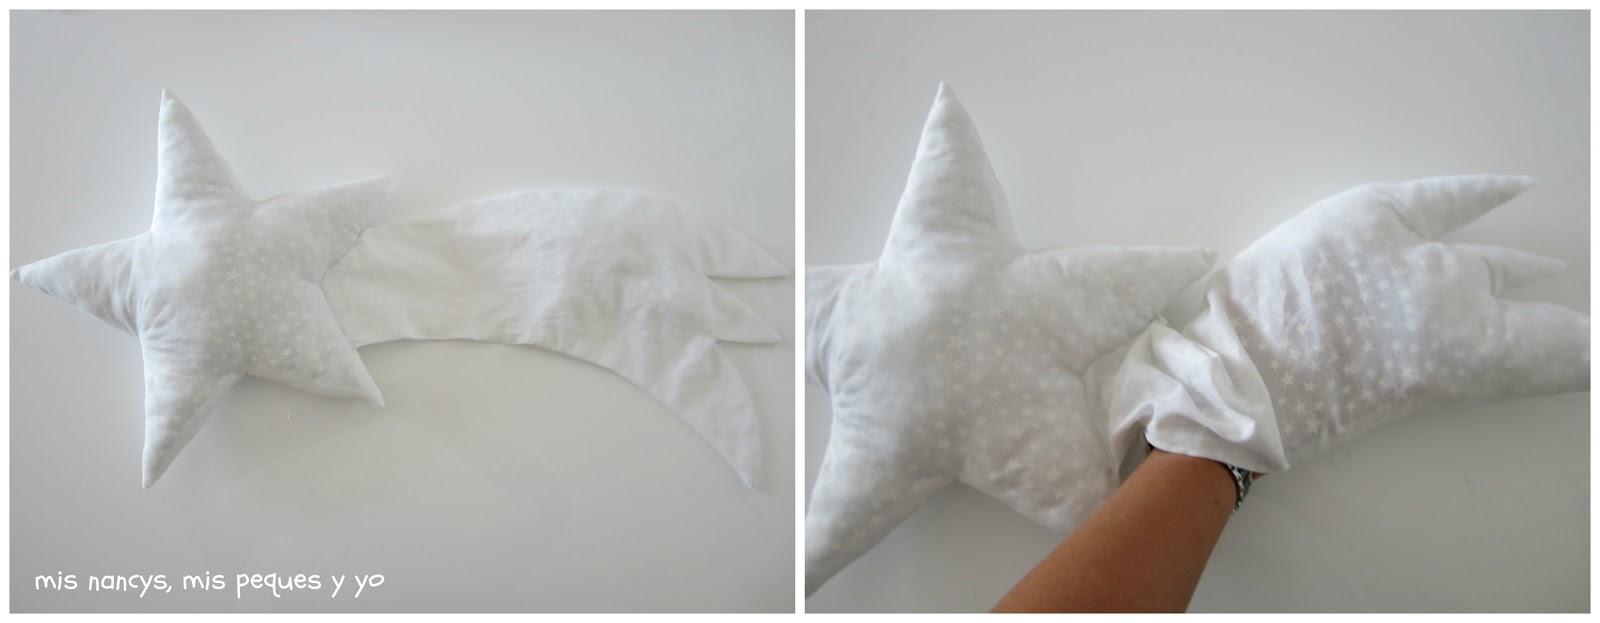 mis nancys, mis peques y yo, tutorial DIY cojín con forma de estrella de Navidad, rellenar la cola